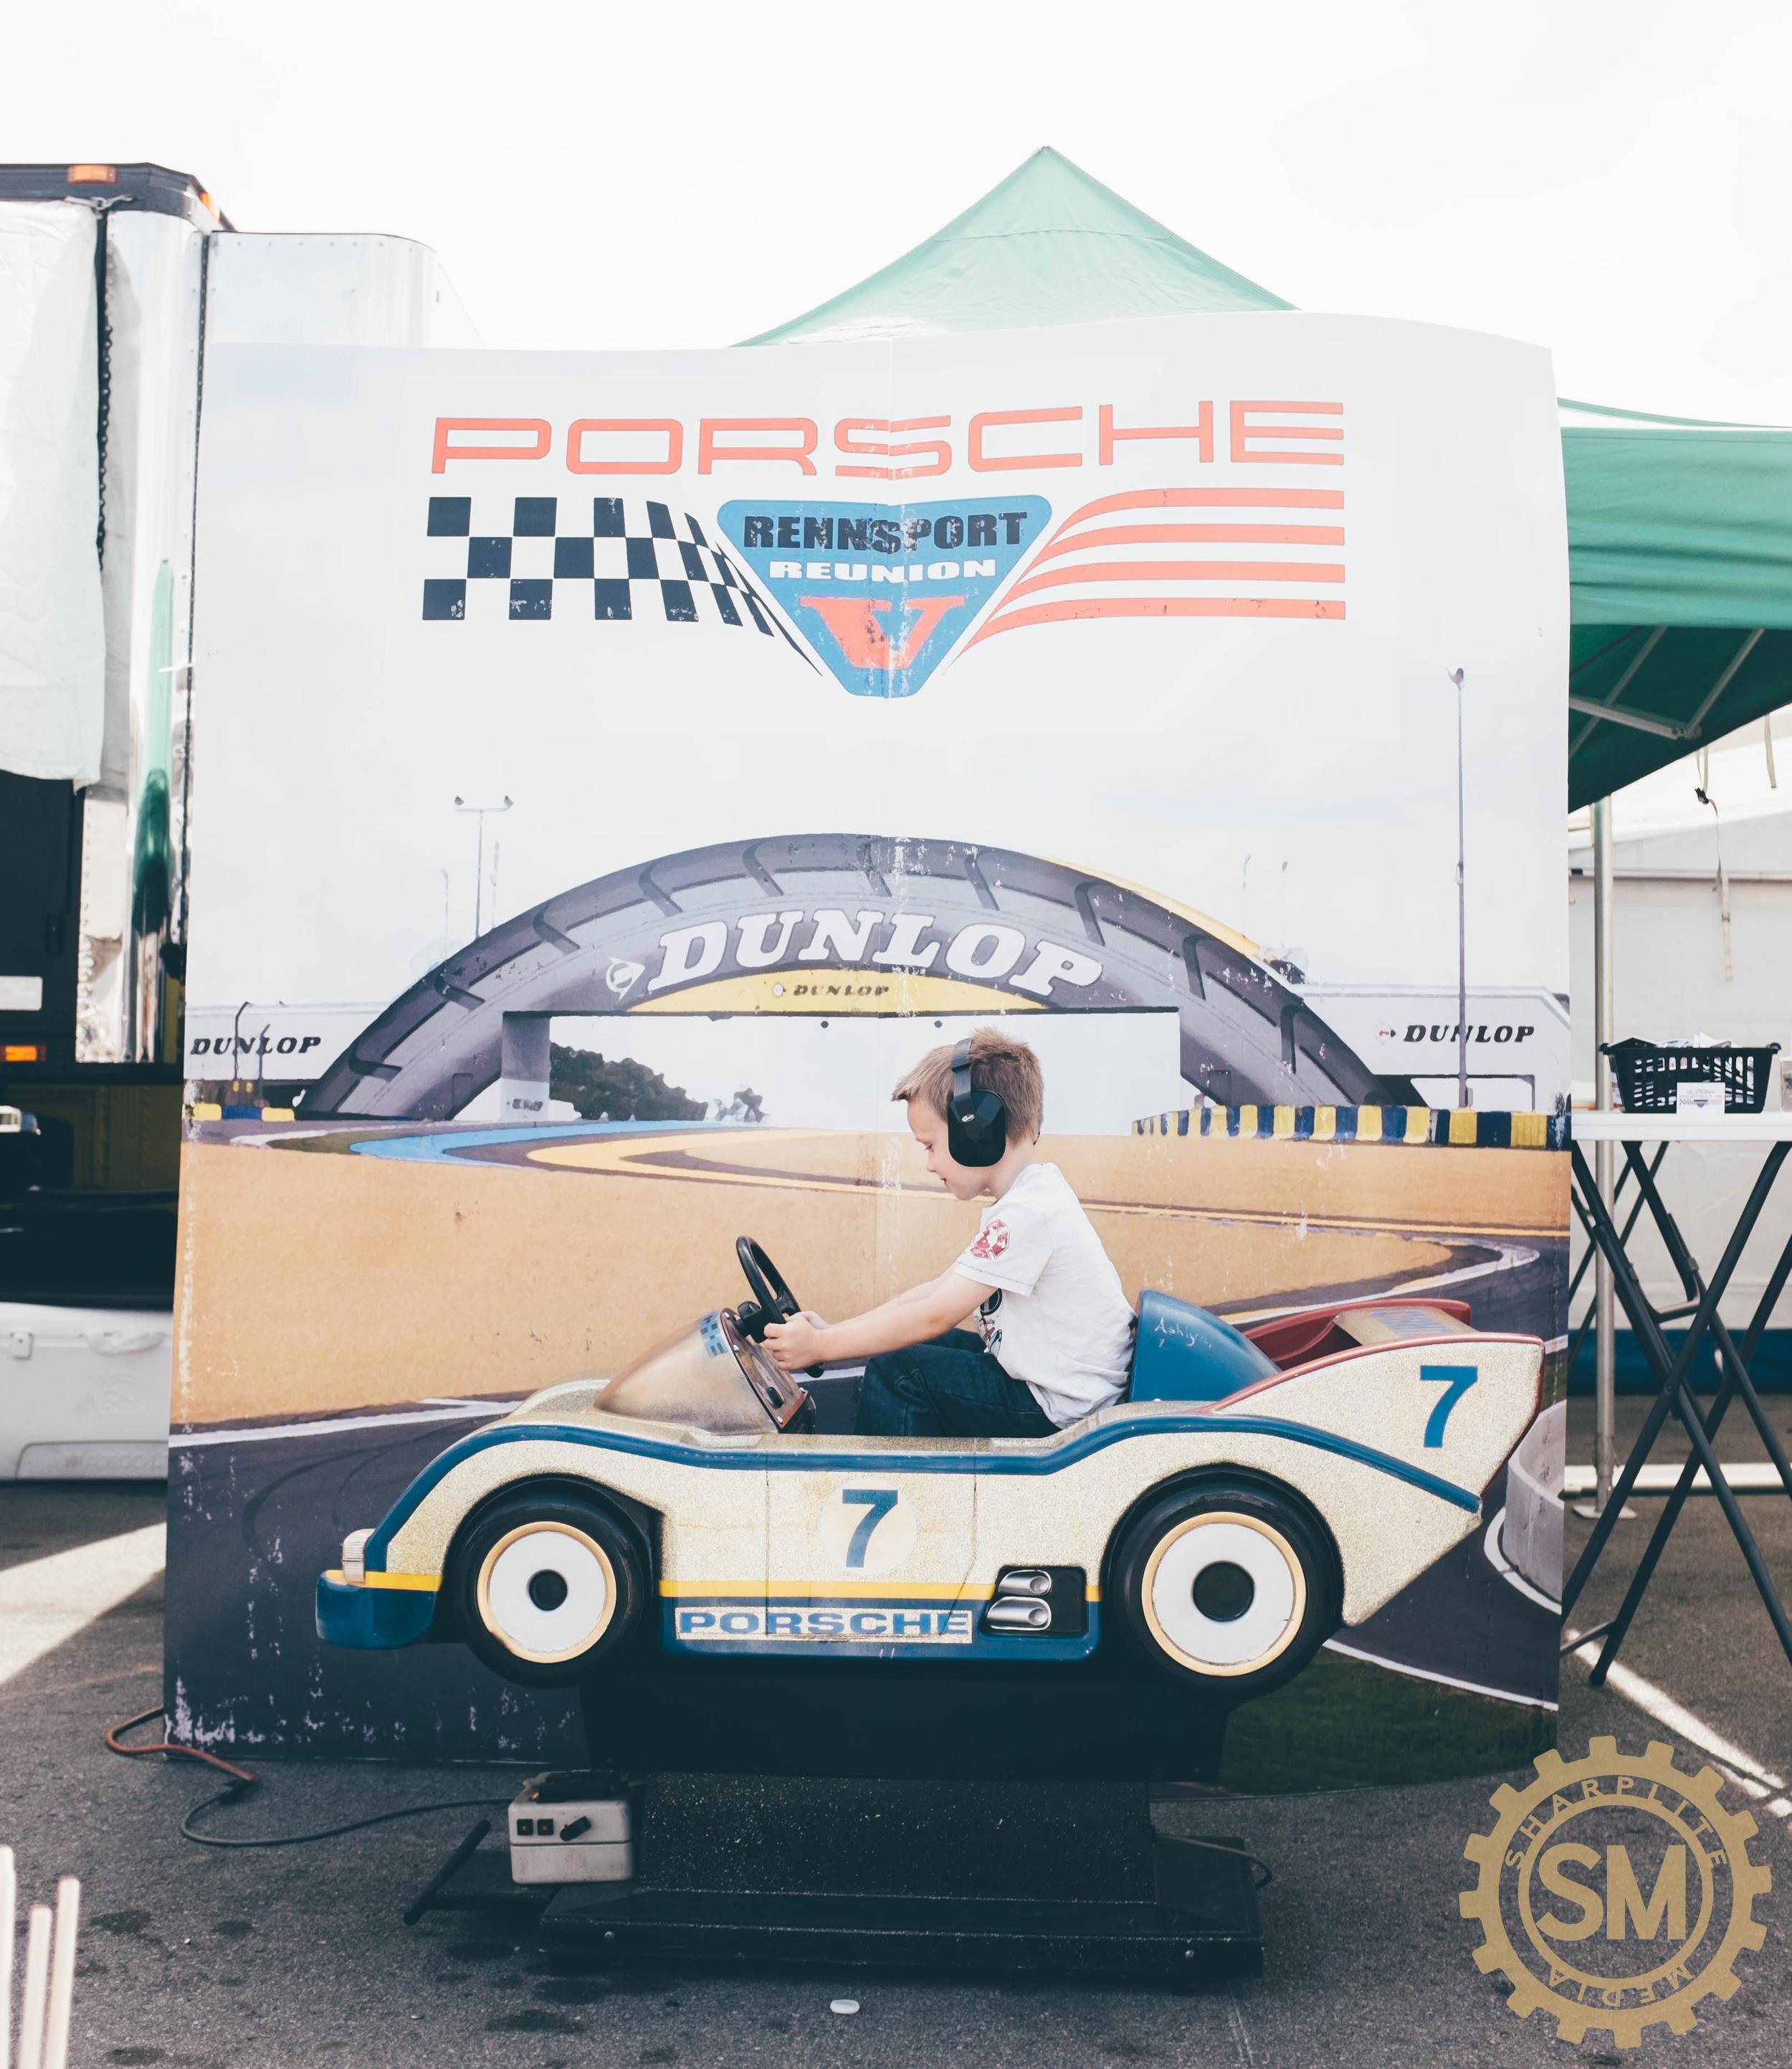 Porsche_FINAL-14.jpg